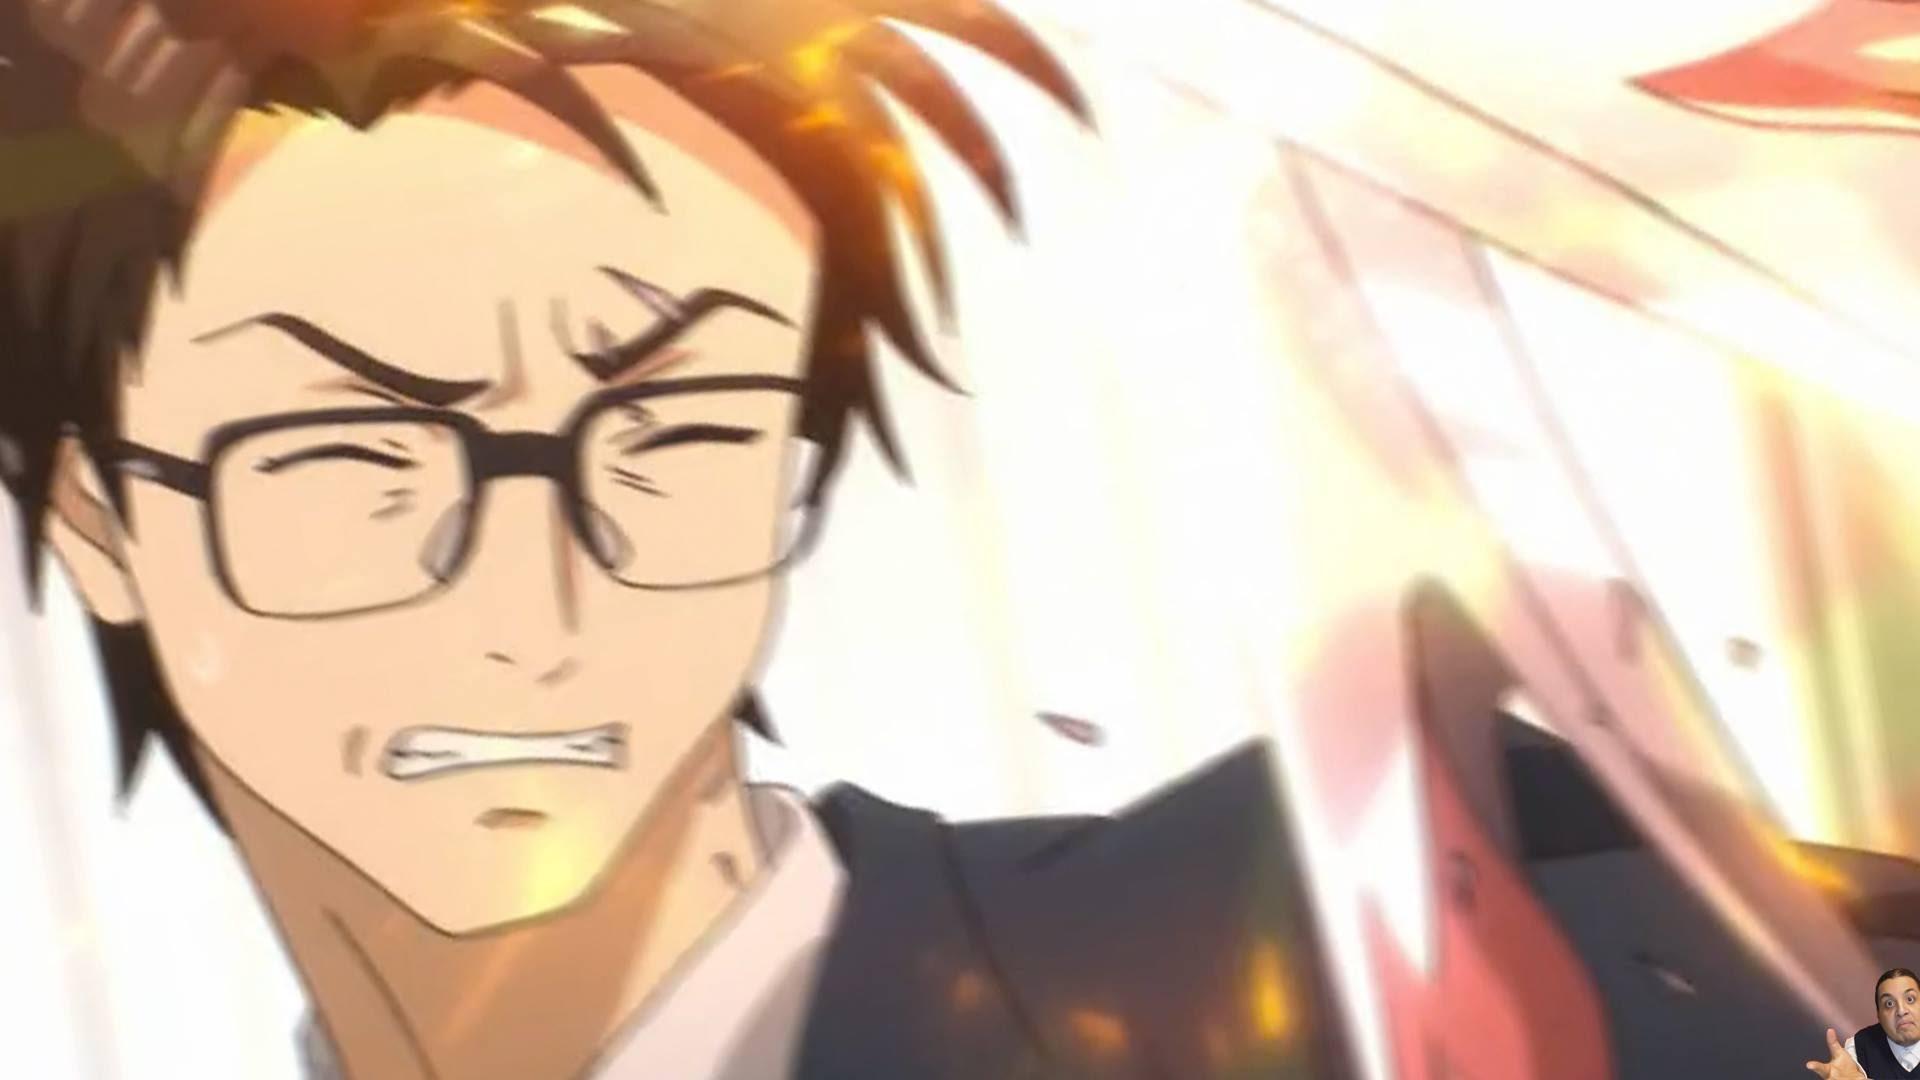 Parasyte The Maxim Episode 4 寄生獣 セイの格率 – KiseijÅ« – Anime .